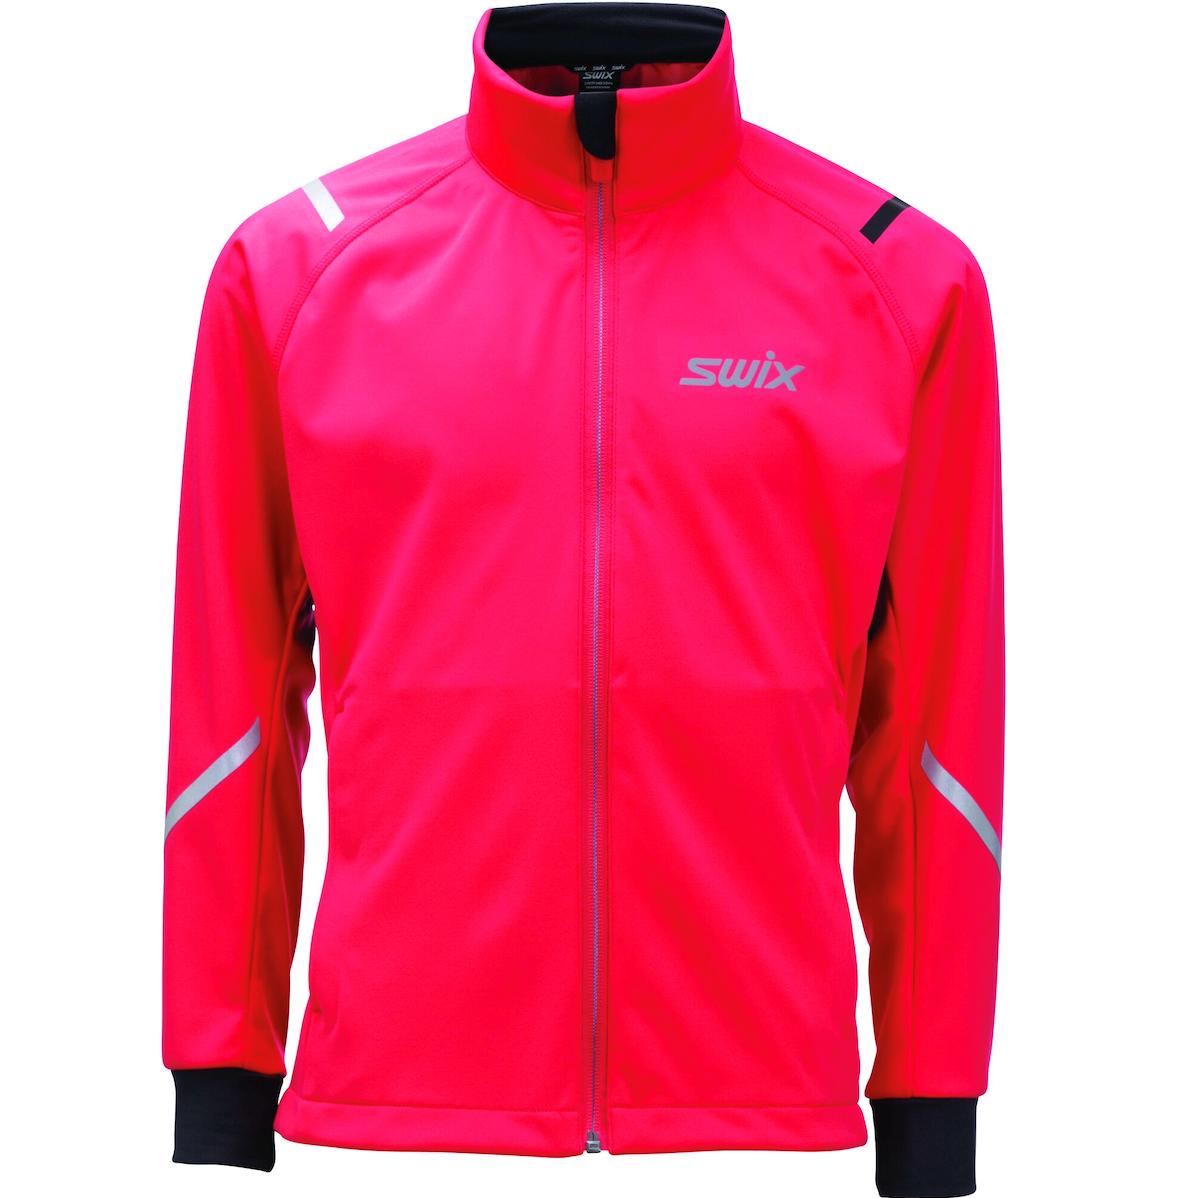 Bilde av Swix  Cross jacket Junior curved 57000 Fire